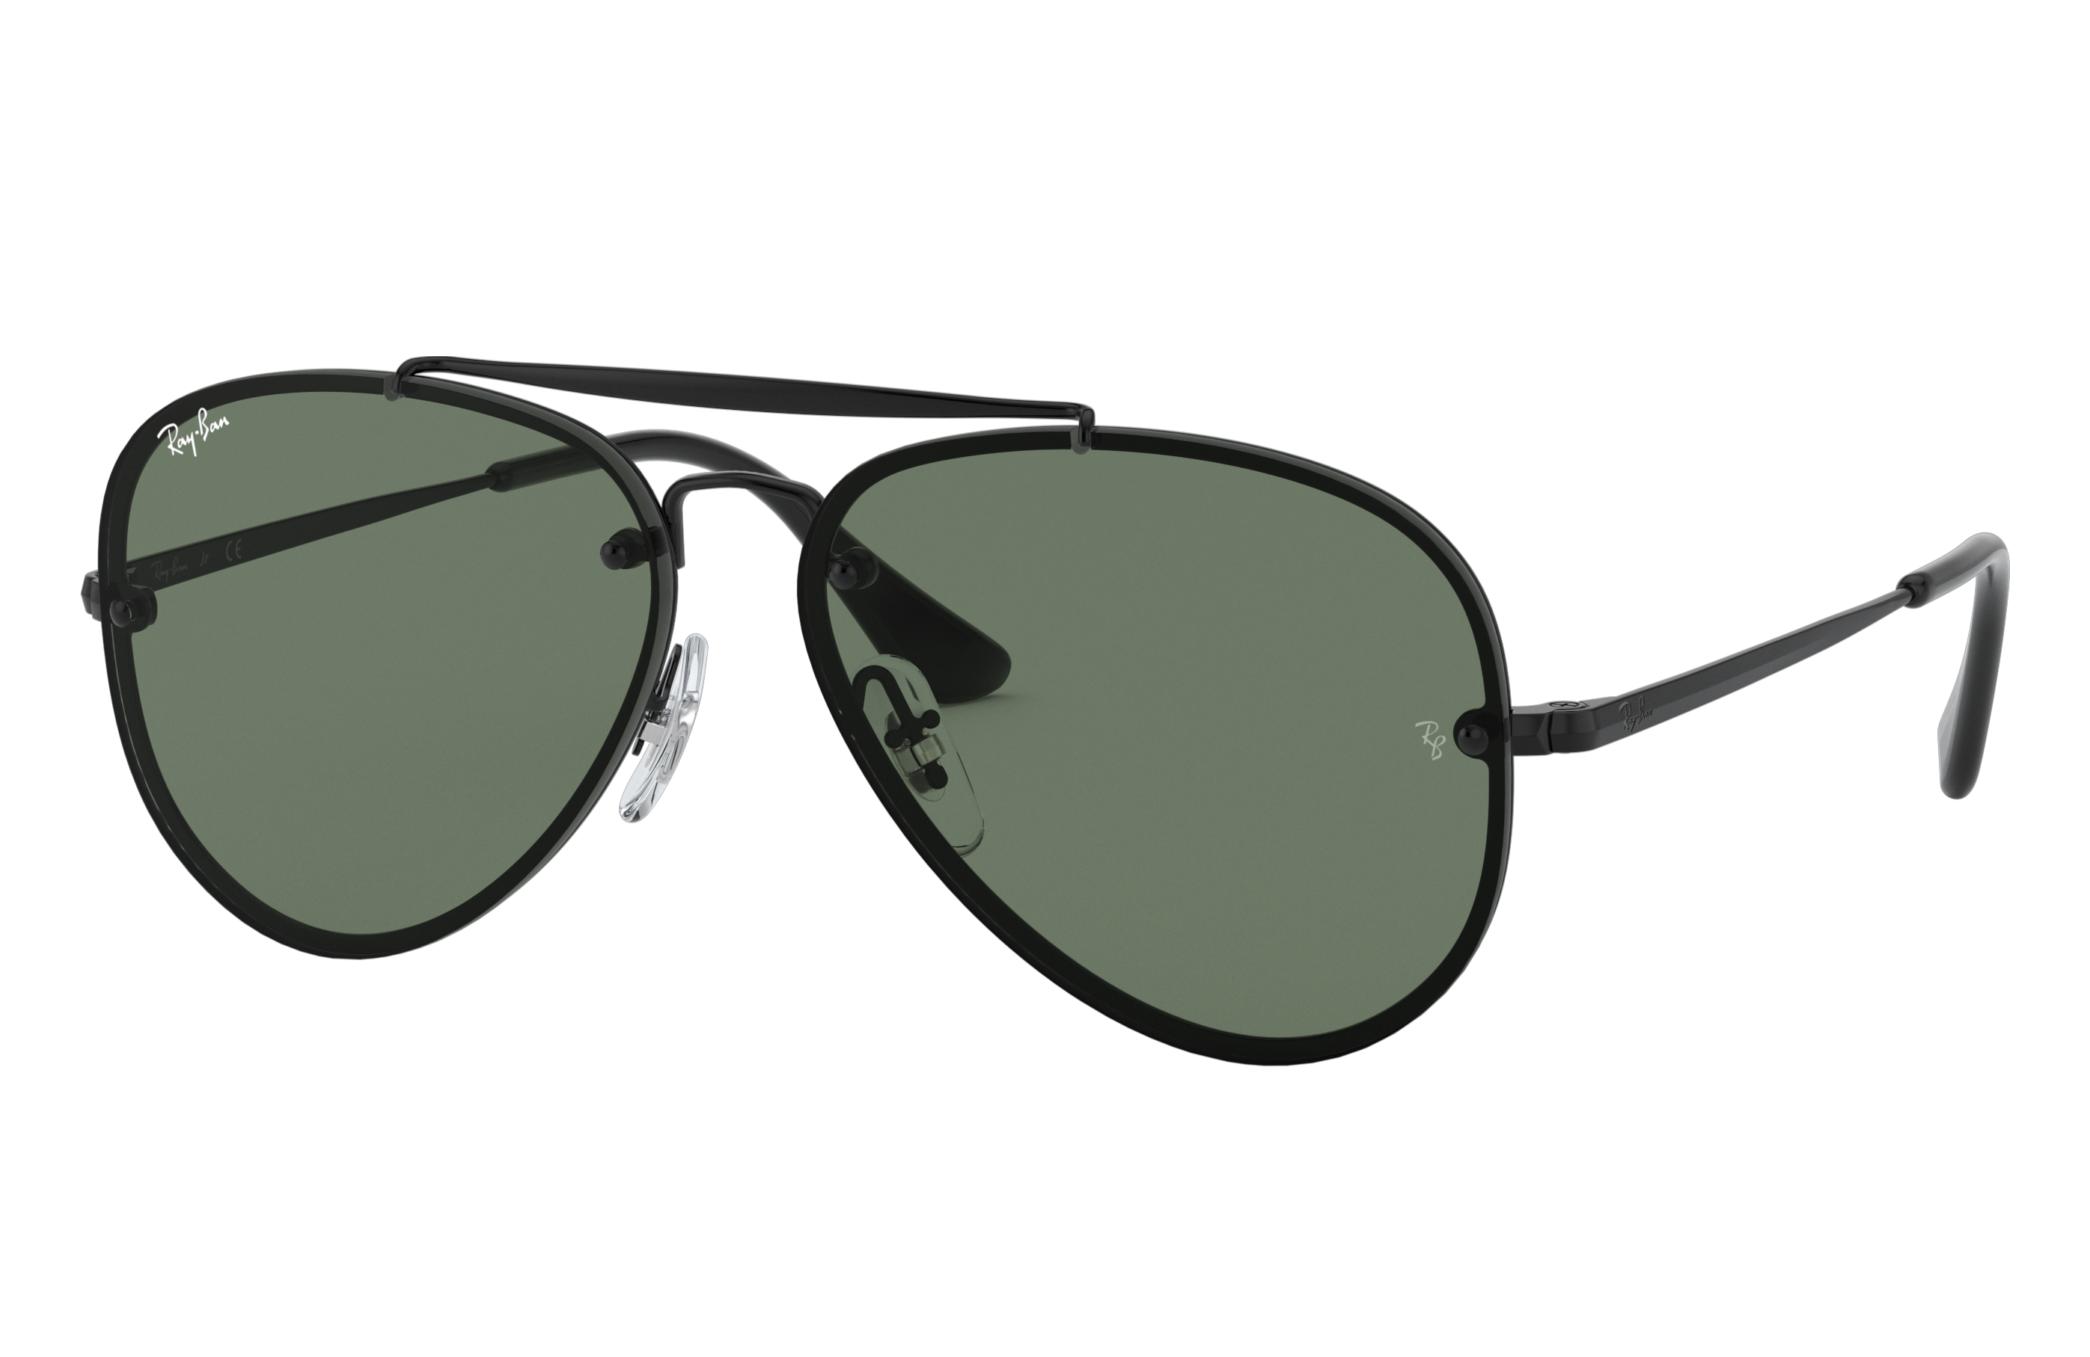 Ray-Ban Blaze Aviator Junior Black, Green Lenses - RJ9548SN